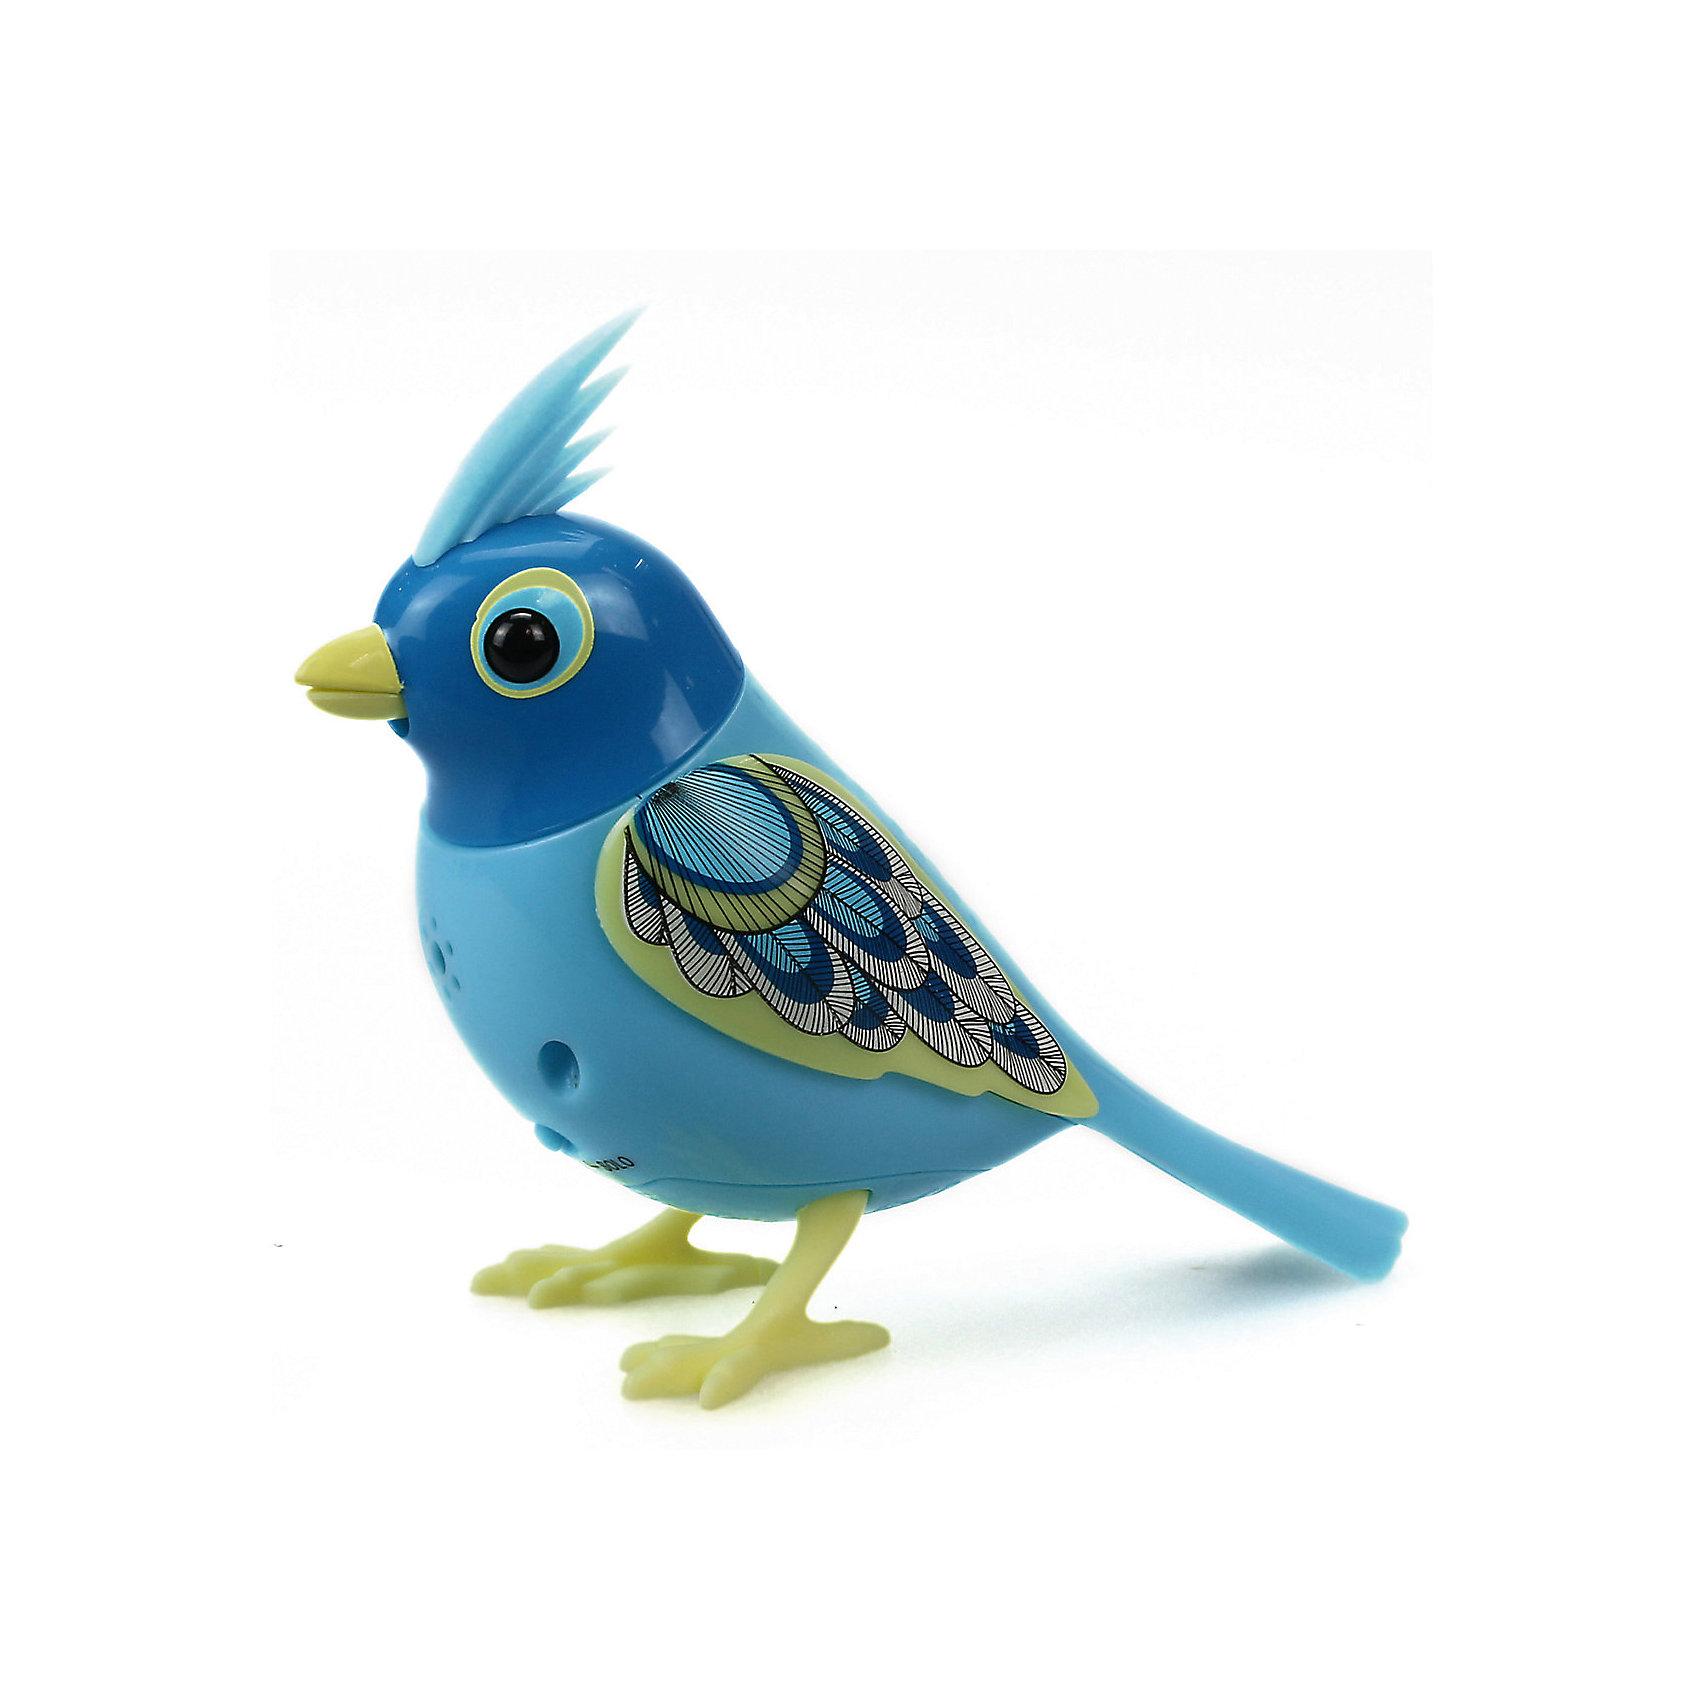 Поющая птичка с кольцом, сине-желтая, DigiBirds